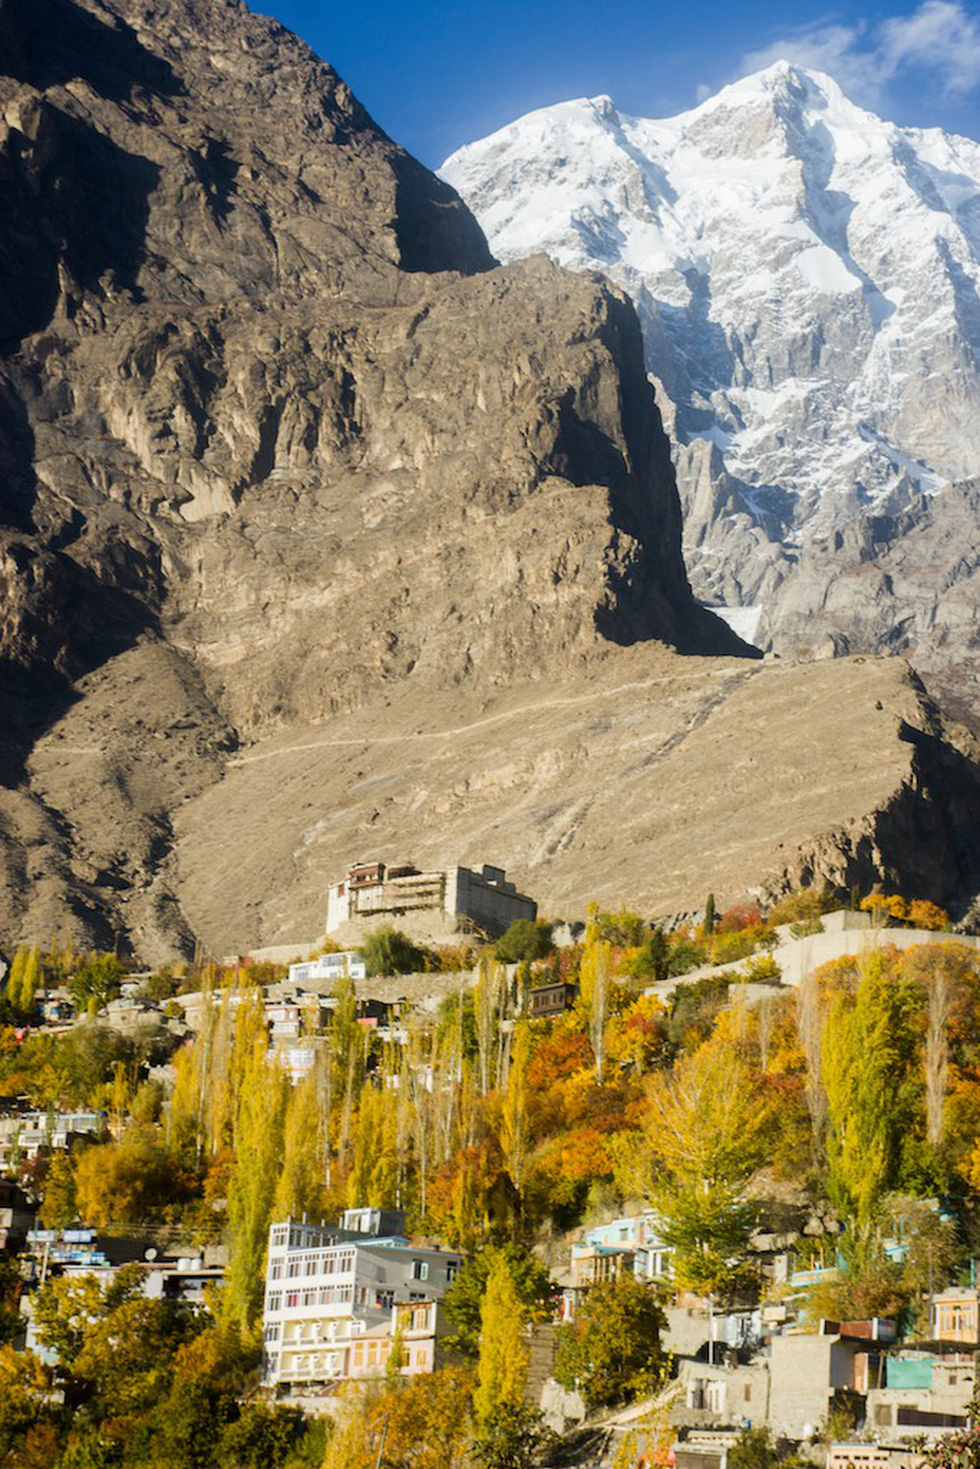 Huyền thoại mùa thu ở Hunza - miền Bắc Pakistan - Ảnh 9.